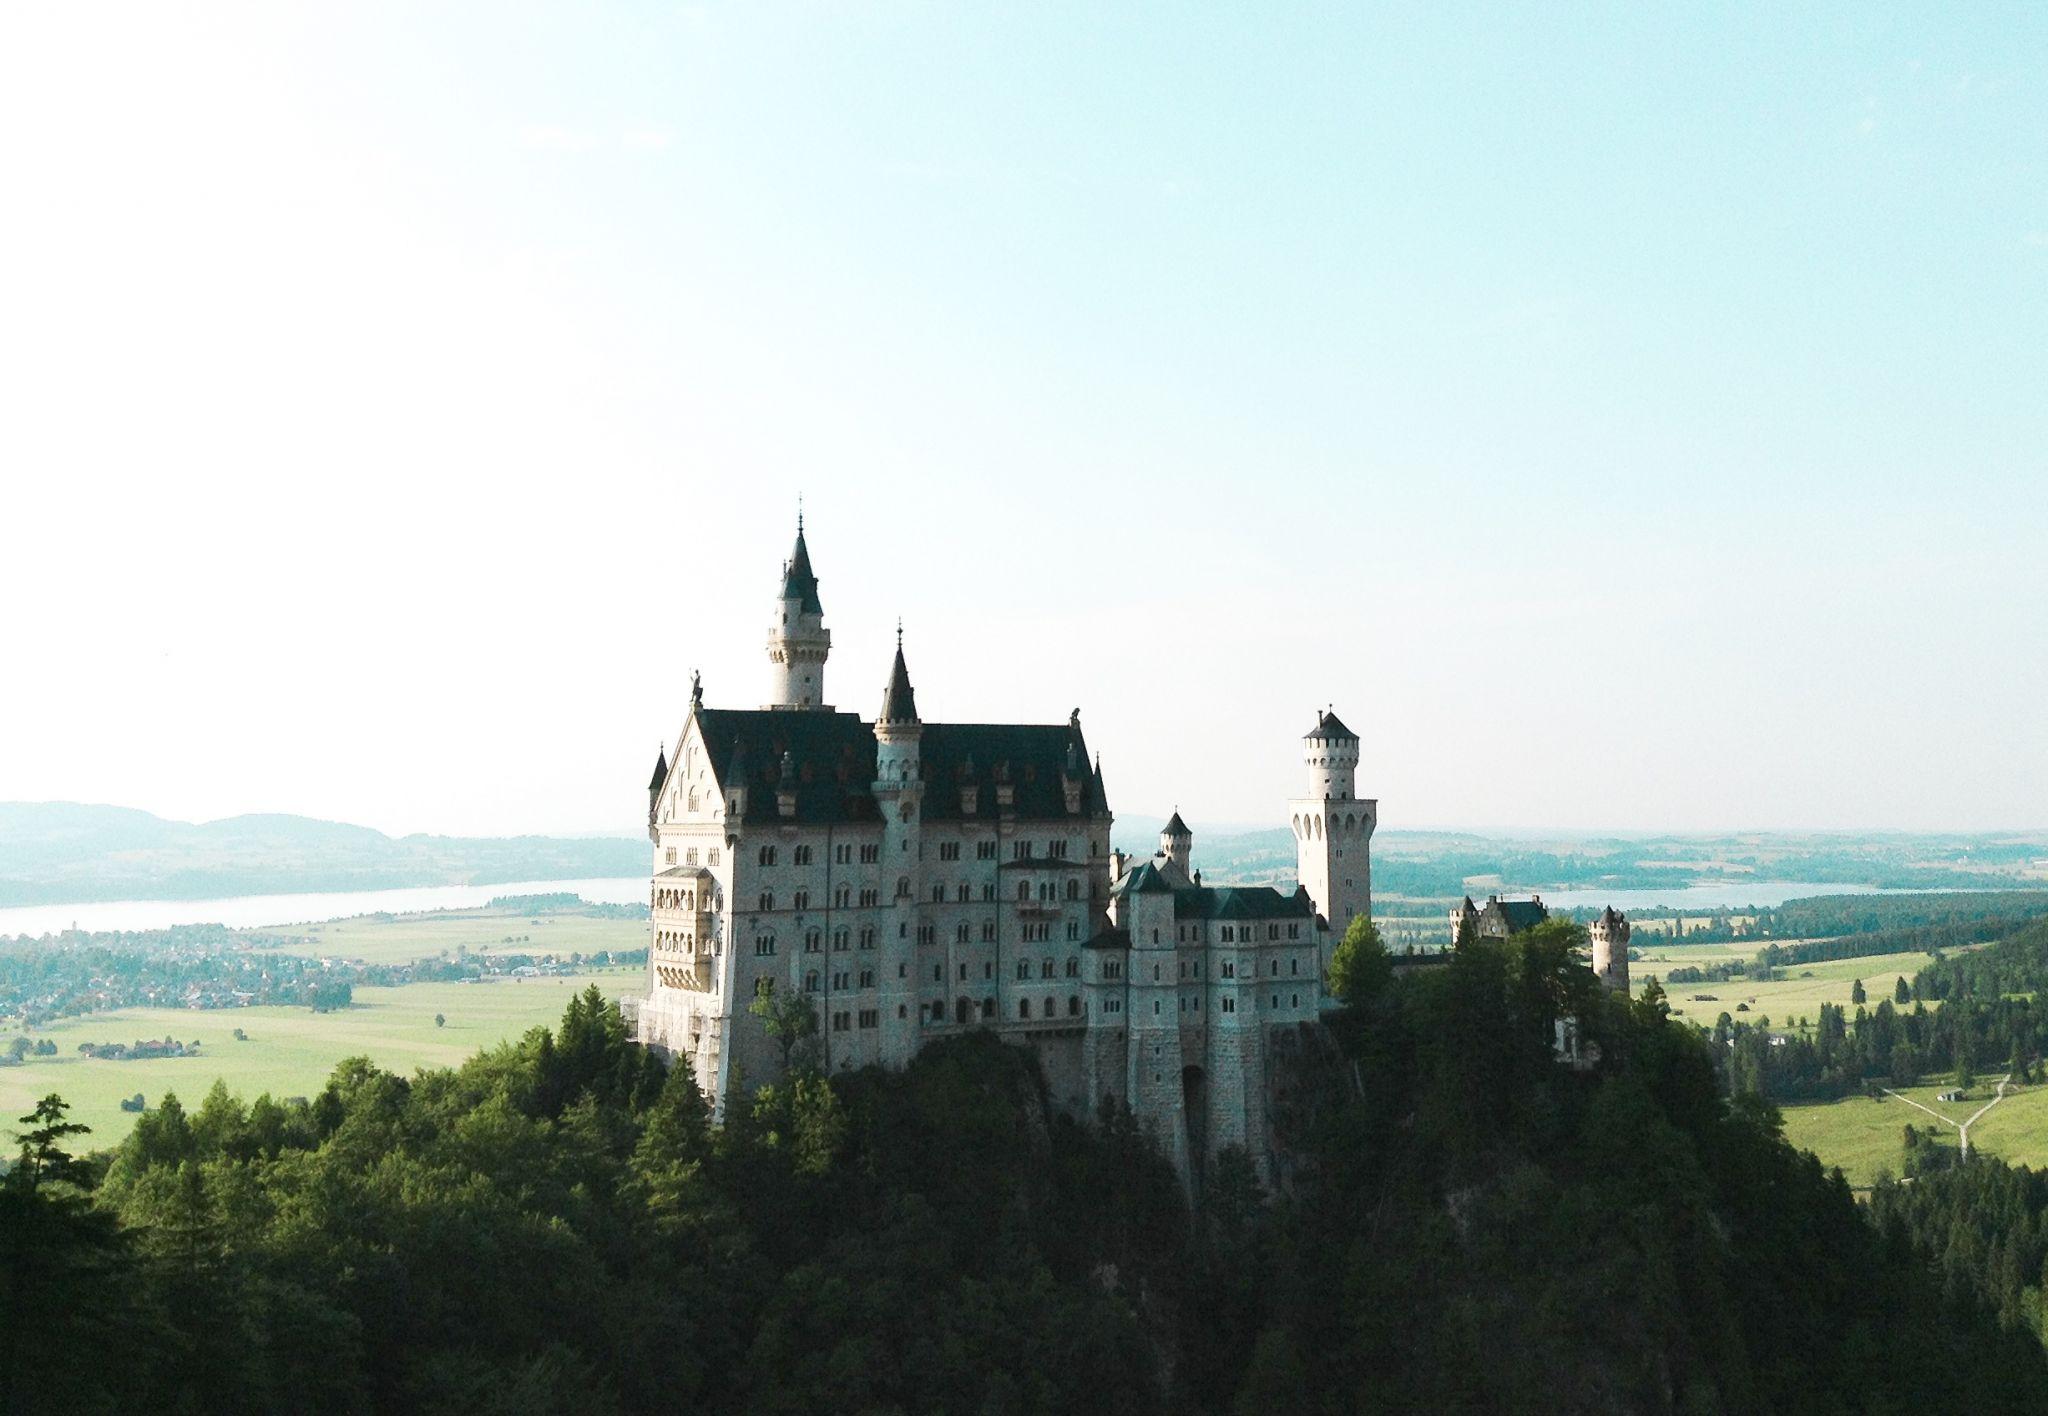 Neuschwanstein castle, Germany, Germany